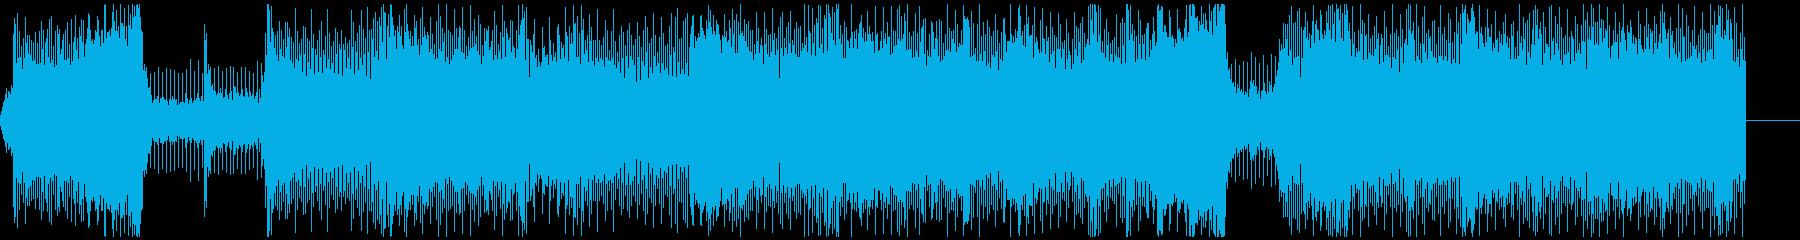 エネルギッシュ、エッジの効いた、ポ...の再生済みの波形